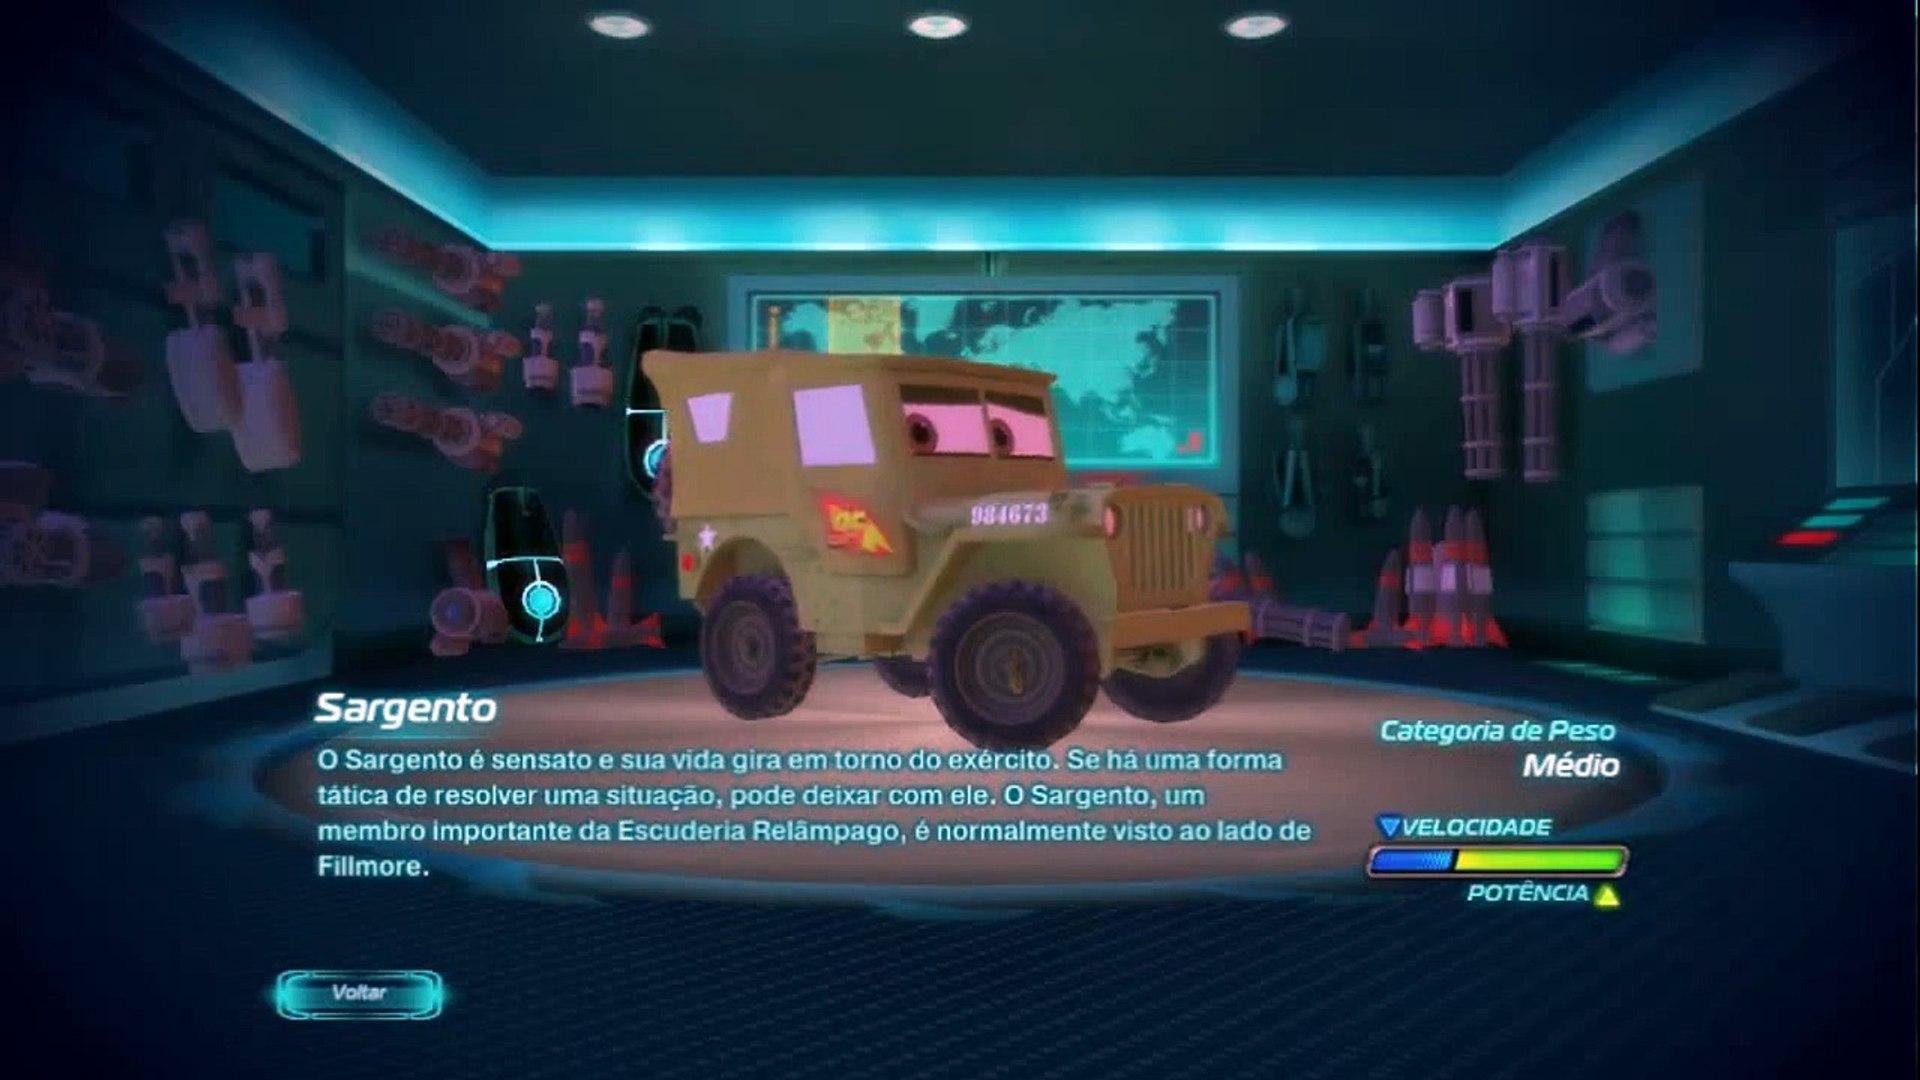 Cars 2 SARGENTO Português/Brasileiro - Personagem do Filme (Descrição completa) [GAMEPLAY]